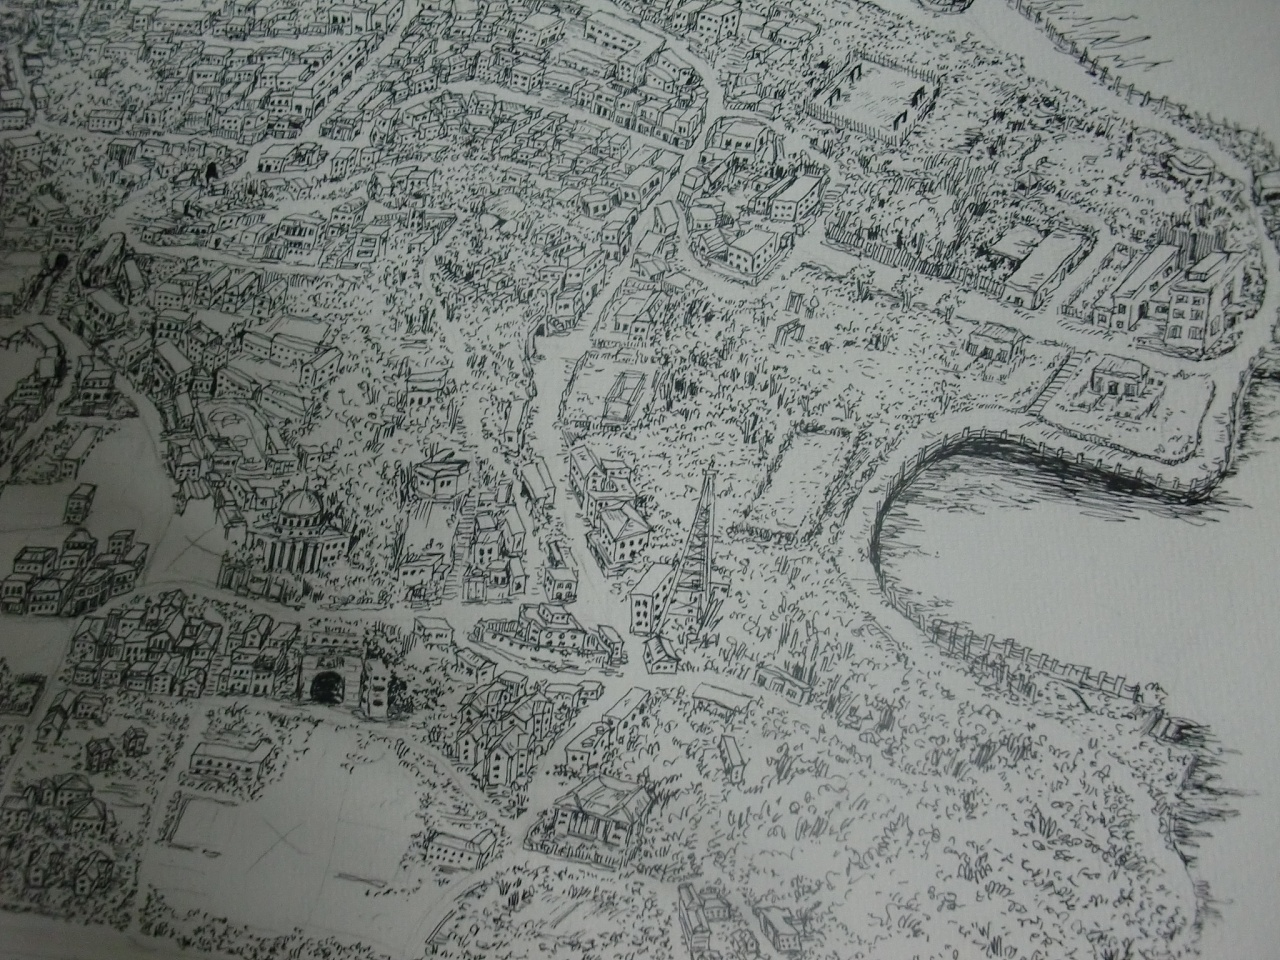 鼓浪屿手绘地图——《鼓浪屿3d大片》